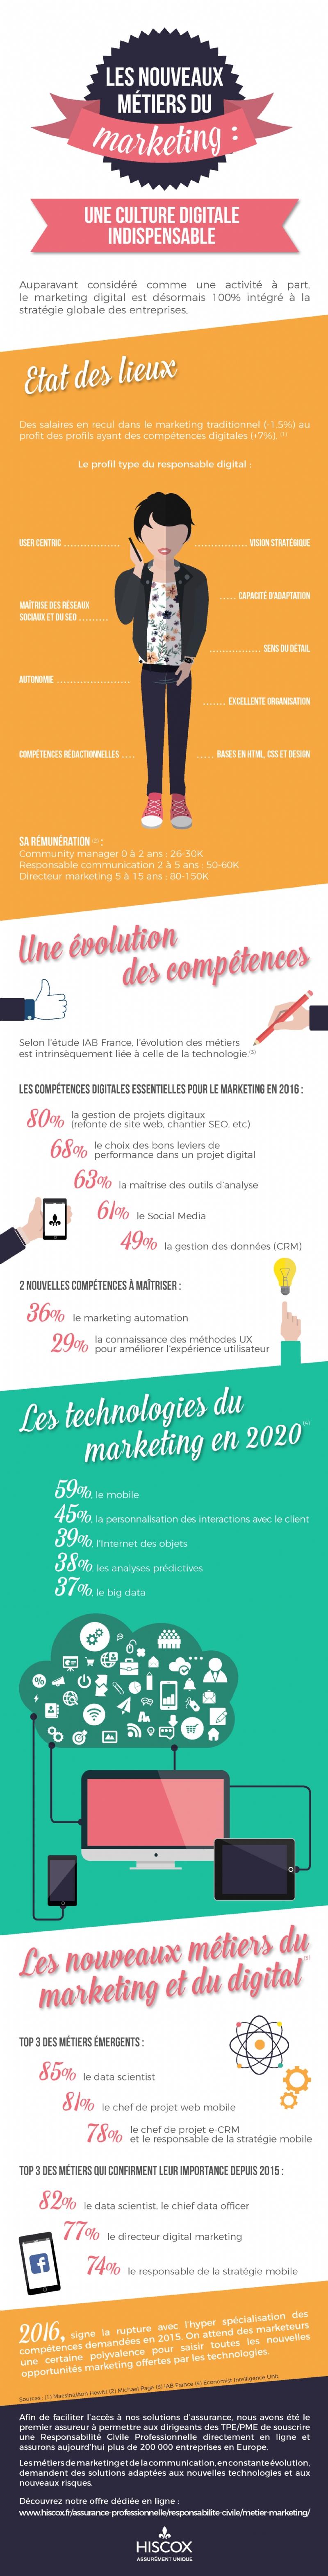 Les-nouveaux-metiers-marketing-2016 Les métiers du web et de l'informatique ont le vent en poupe !